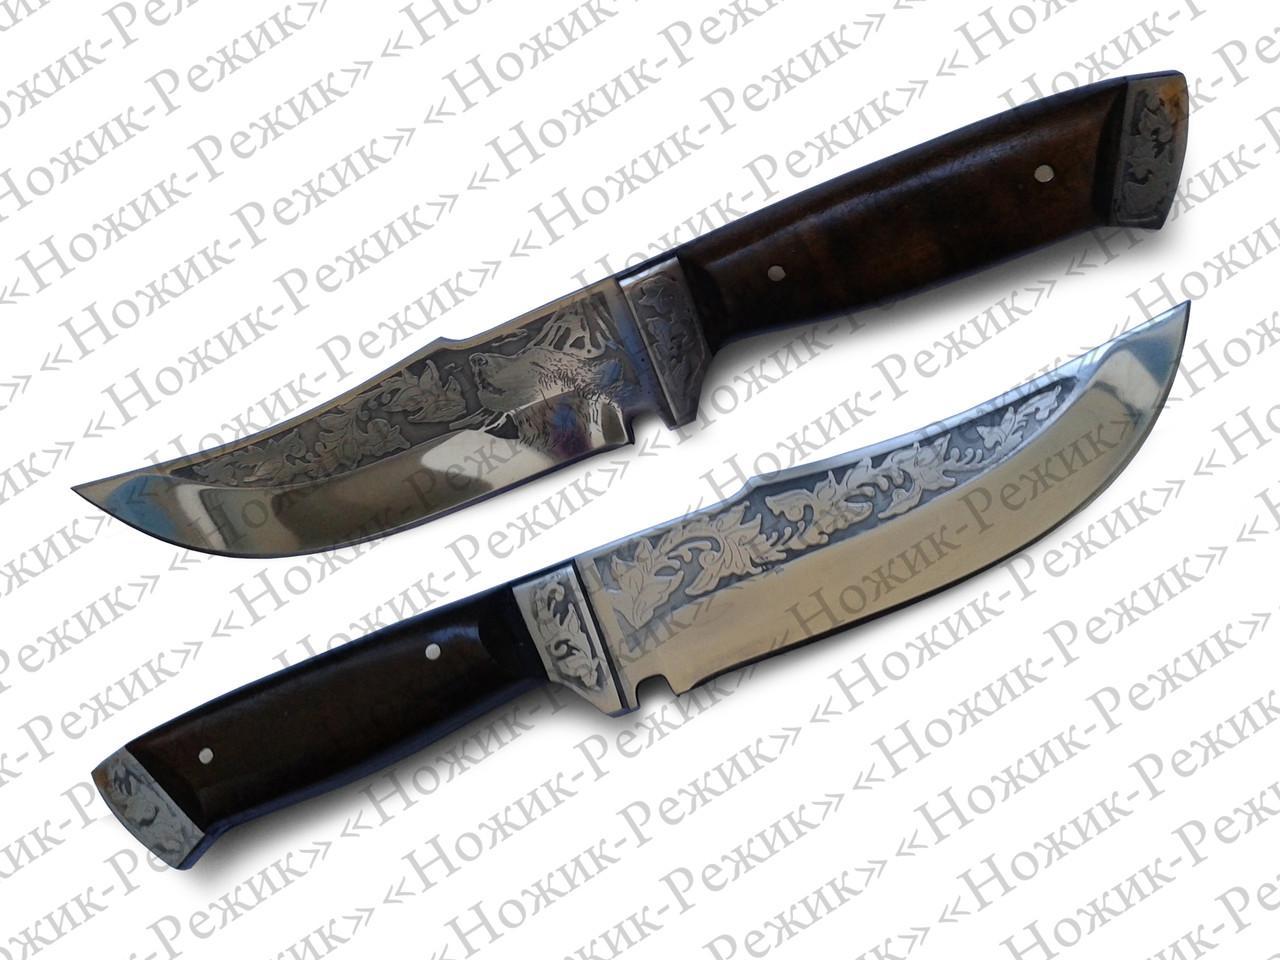 Туристический нож, нож для охоты, нож для рыбалки